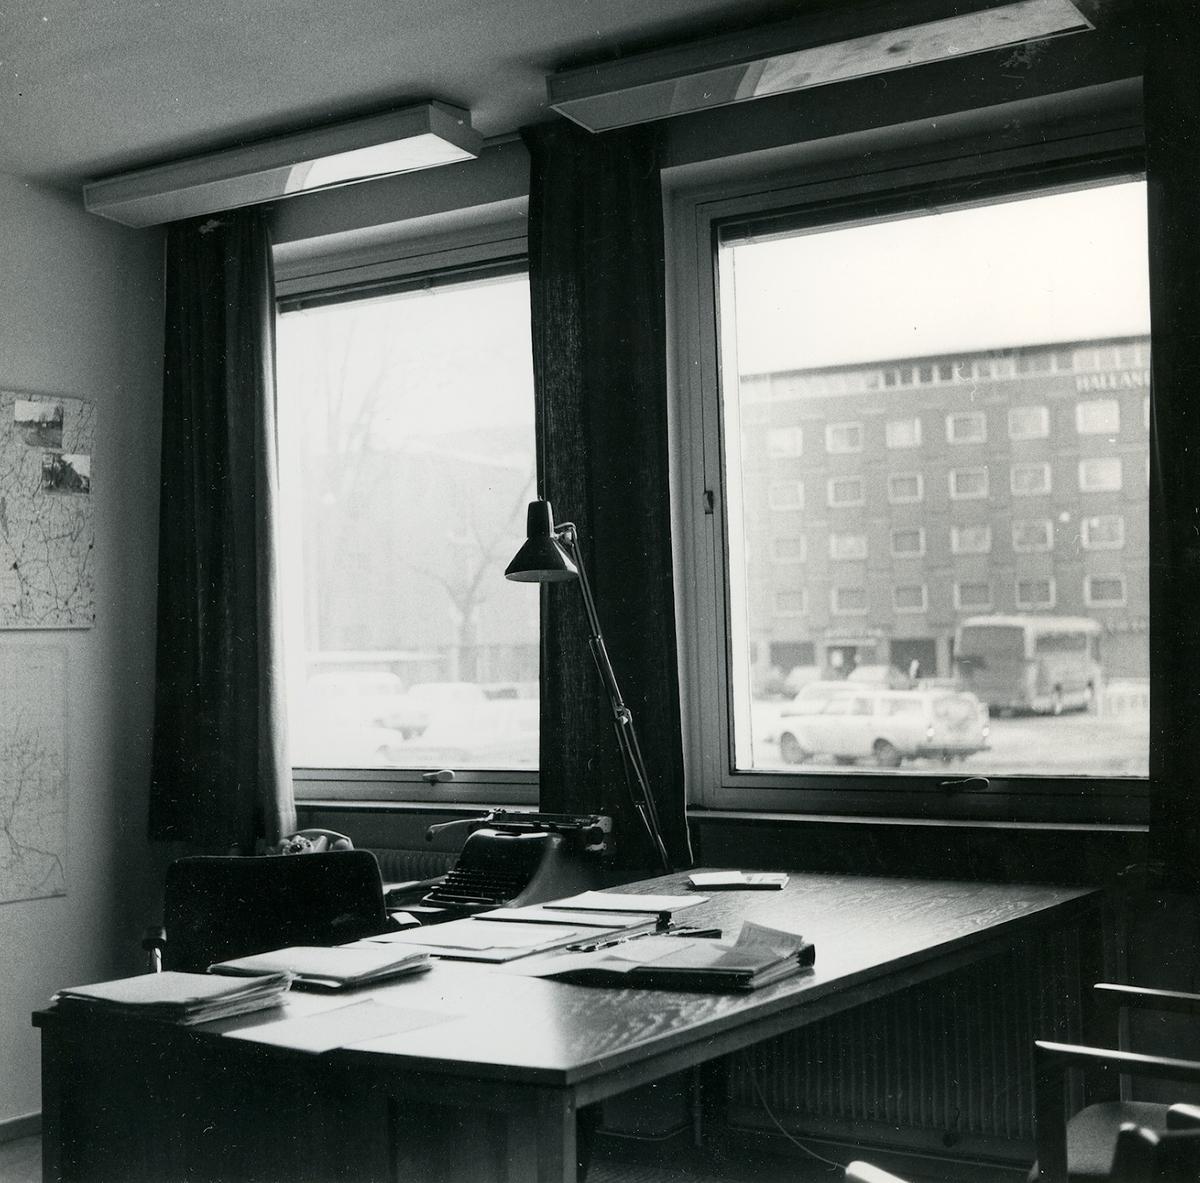 Utsikt från länsantikvariens tjänsterum mot Hotell Hallandia. Foto Lennart Lundborg januari 1977.